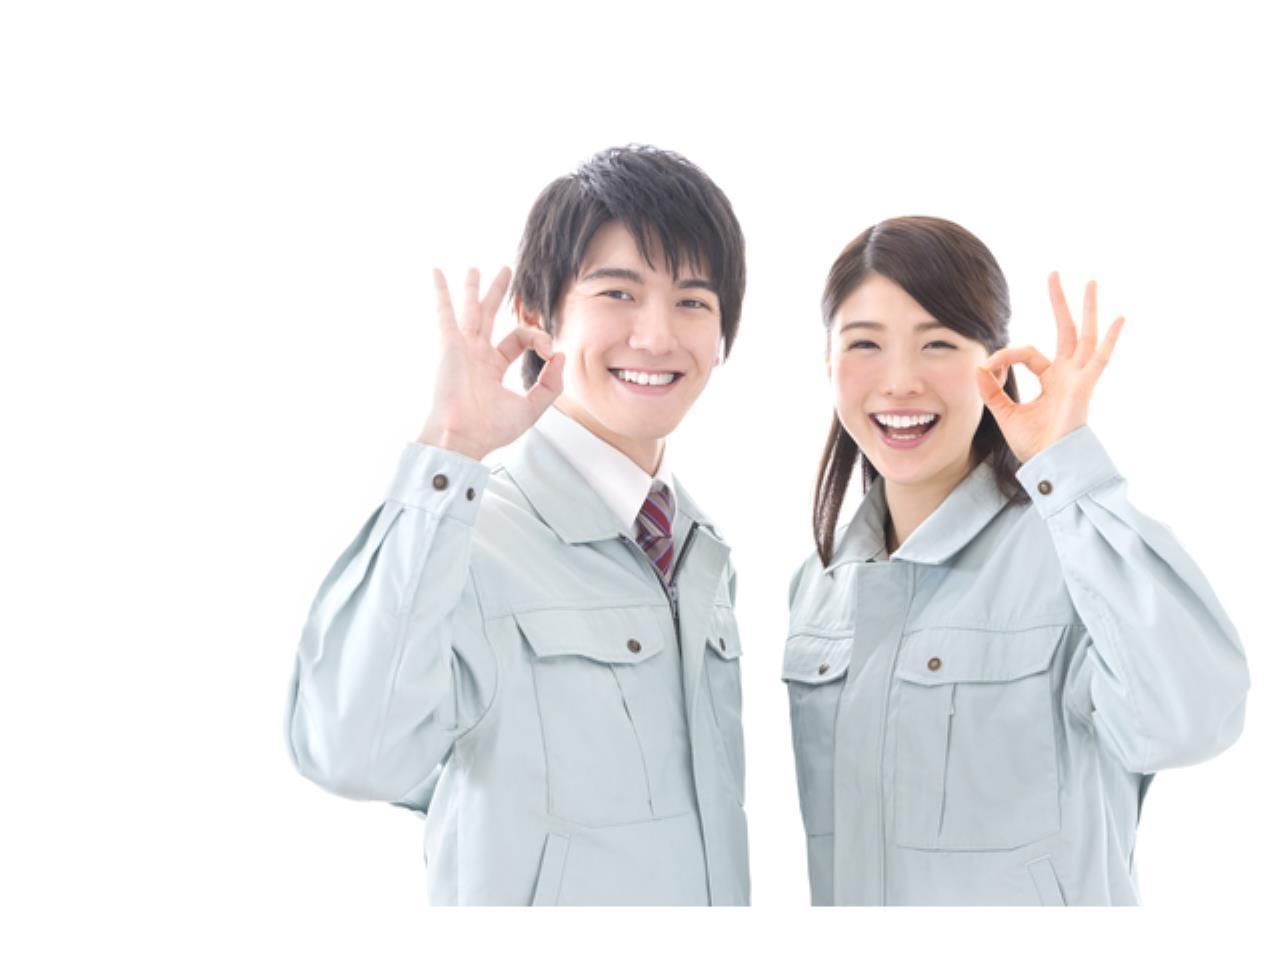 月給35万円の日配で福山~岡山間の4tルート配送業務